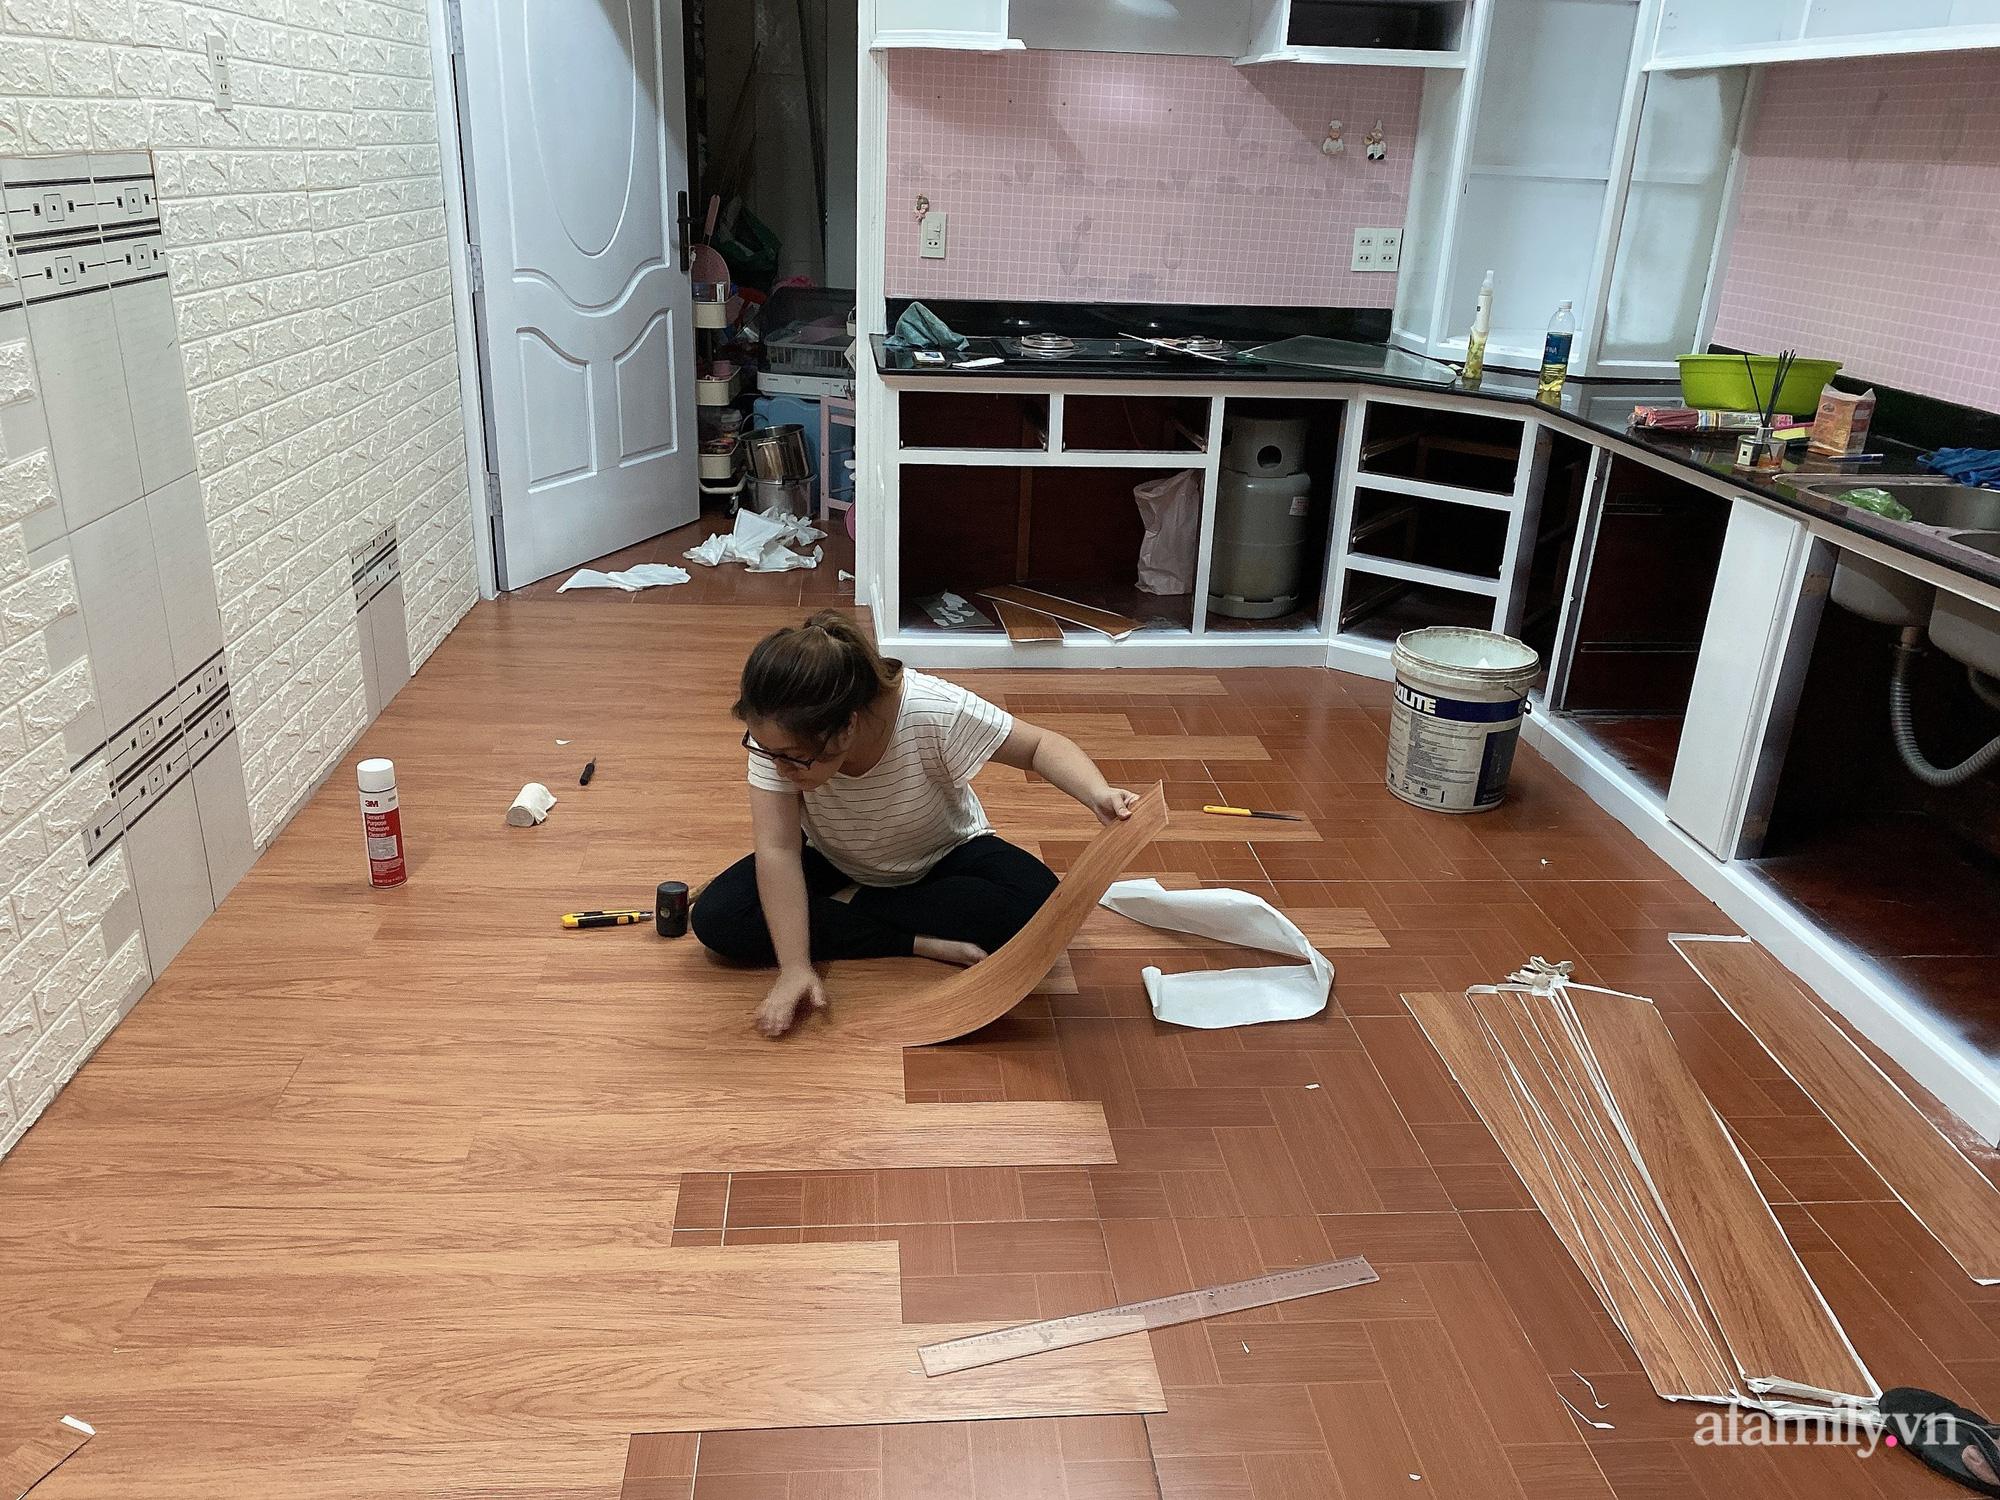 Mẹ Đà Lạt tự cải tạo căn bếp chật hẹp với chi phí 20 triệu đồng và cái kết